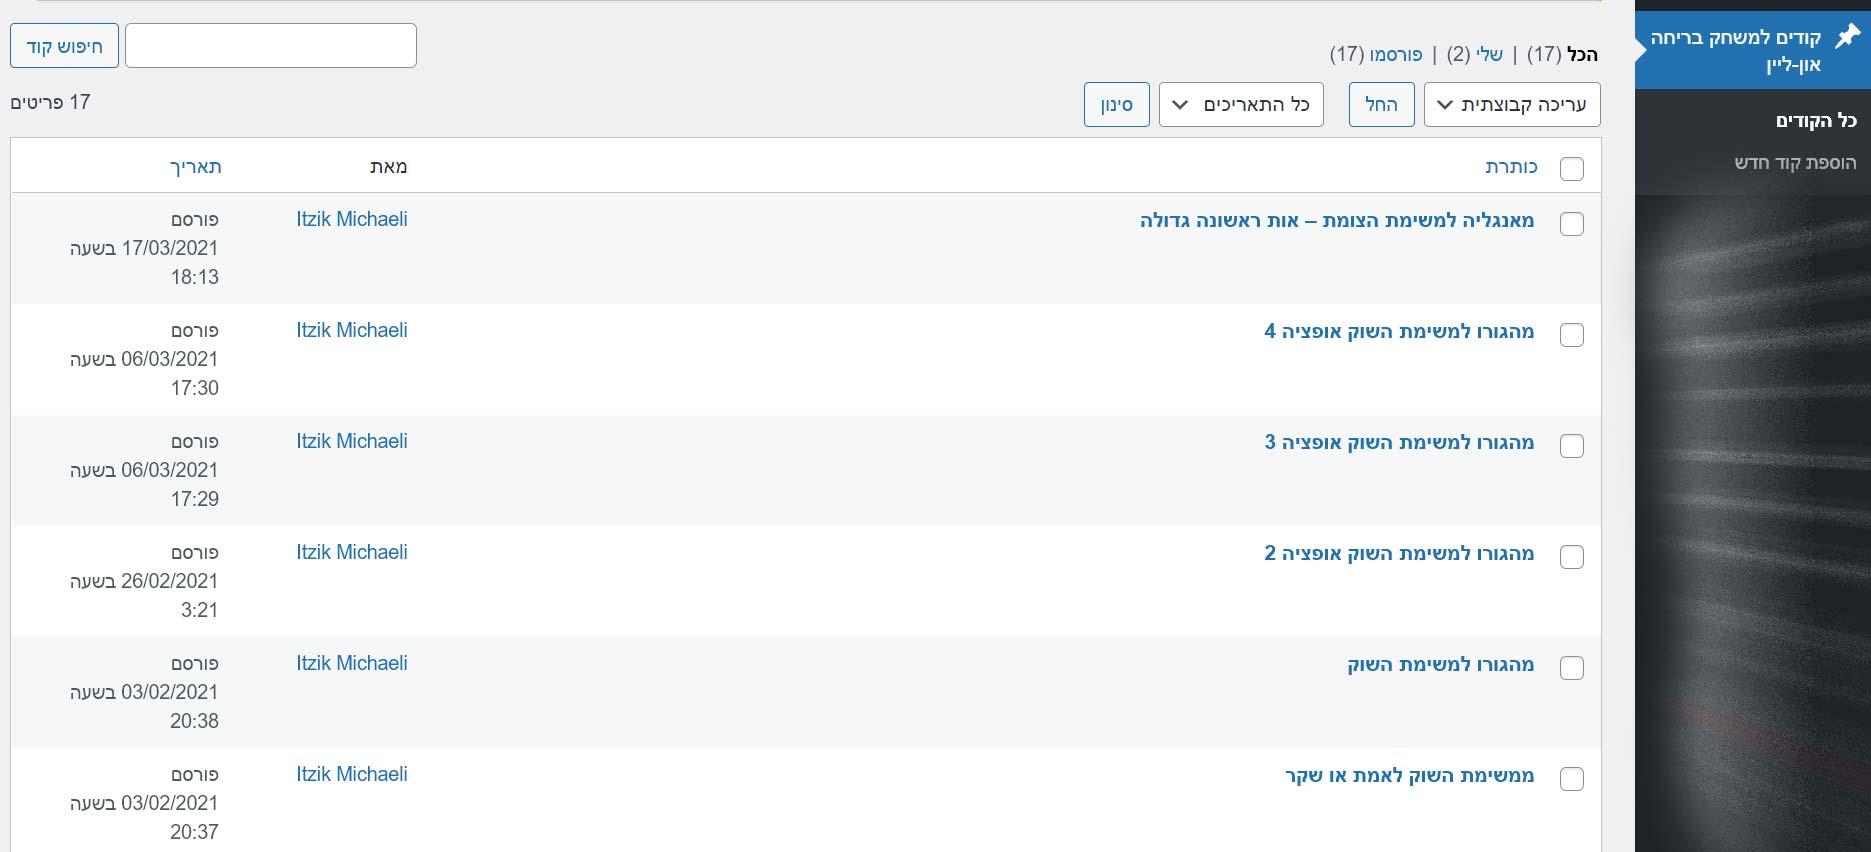 המרוץ העולמי - צילום מסך נוסף מלוח הניהול של Wordpress